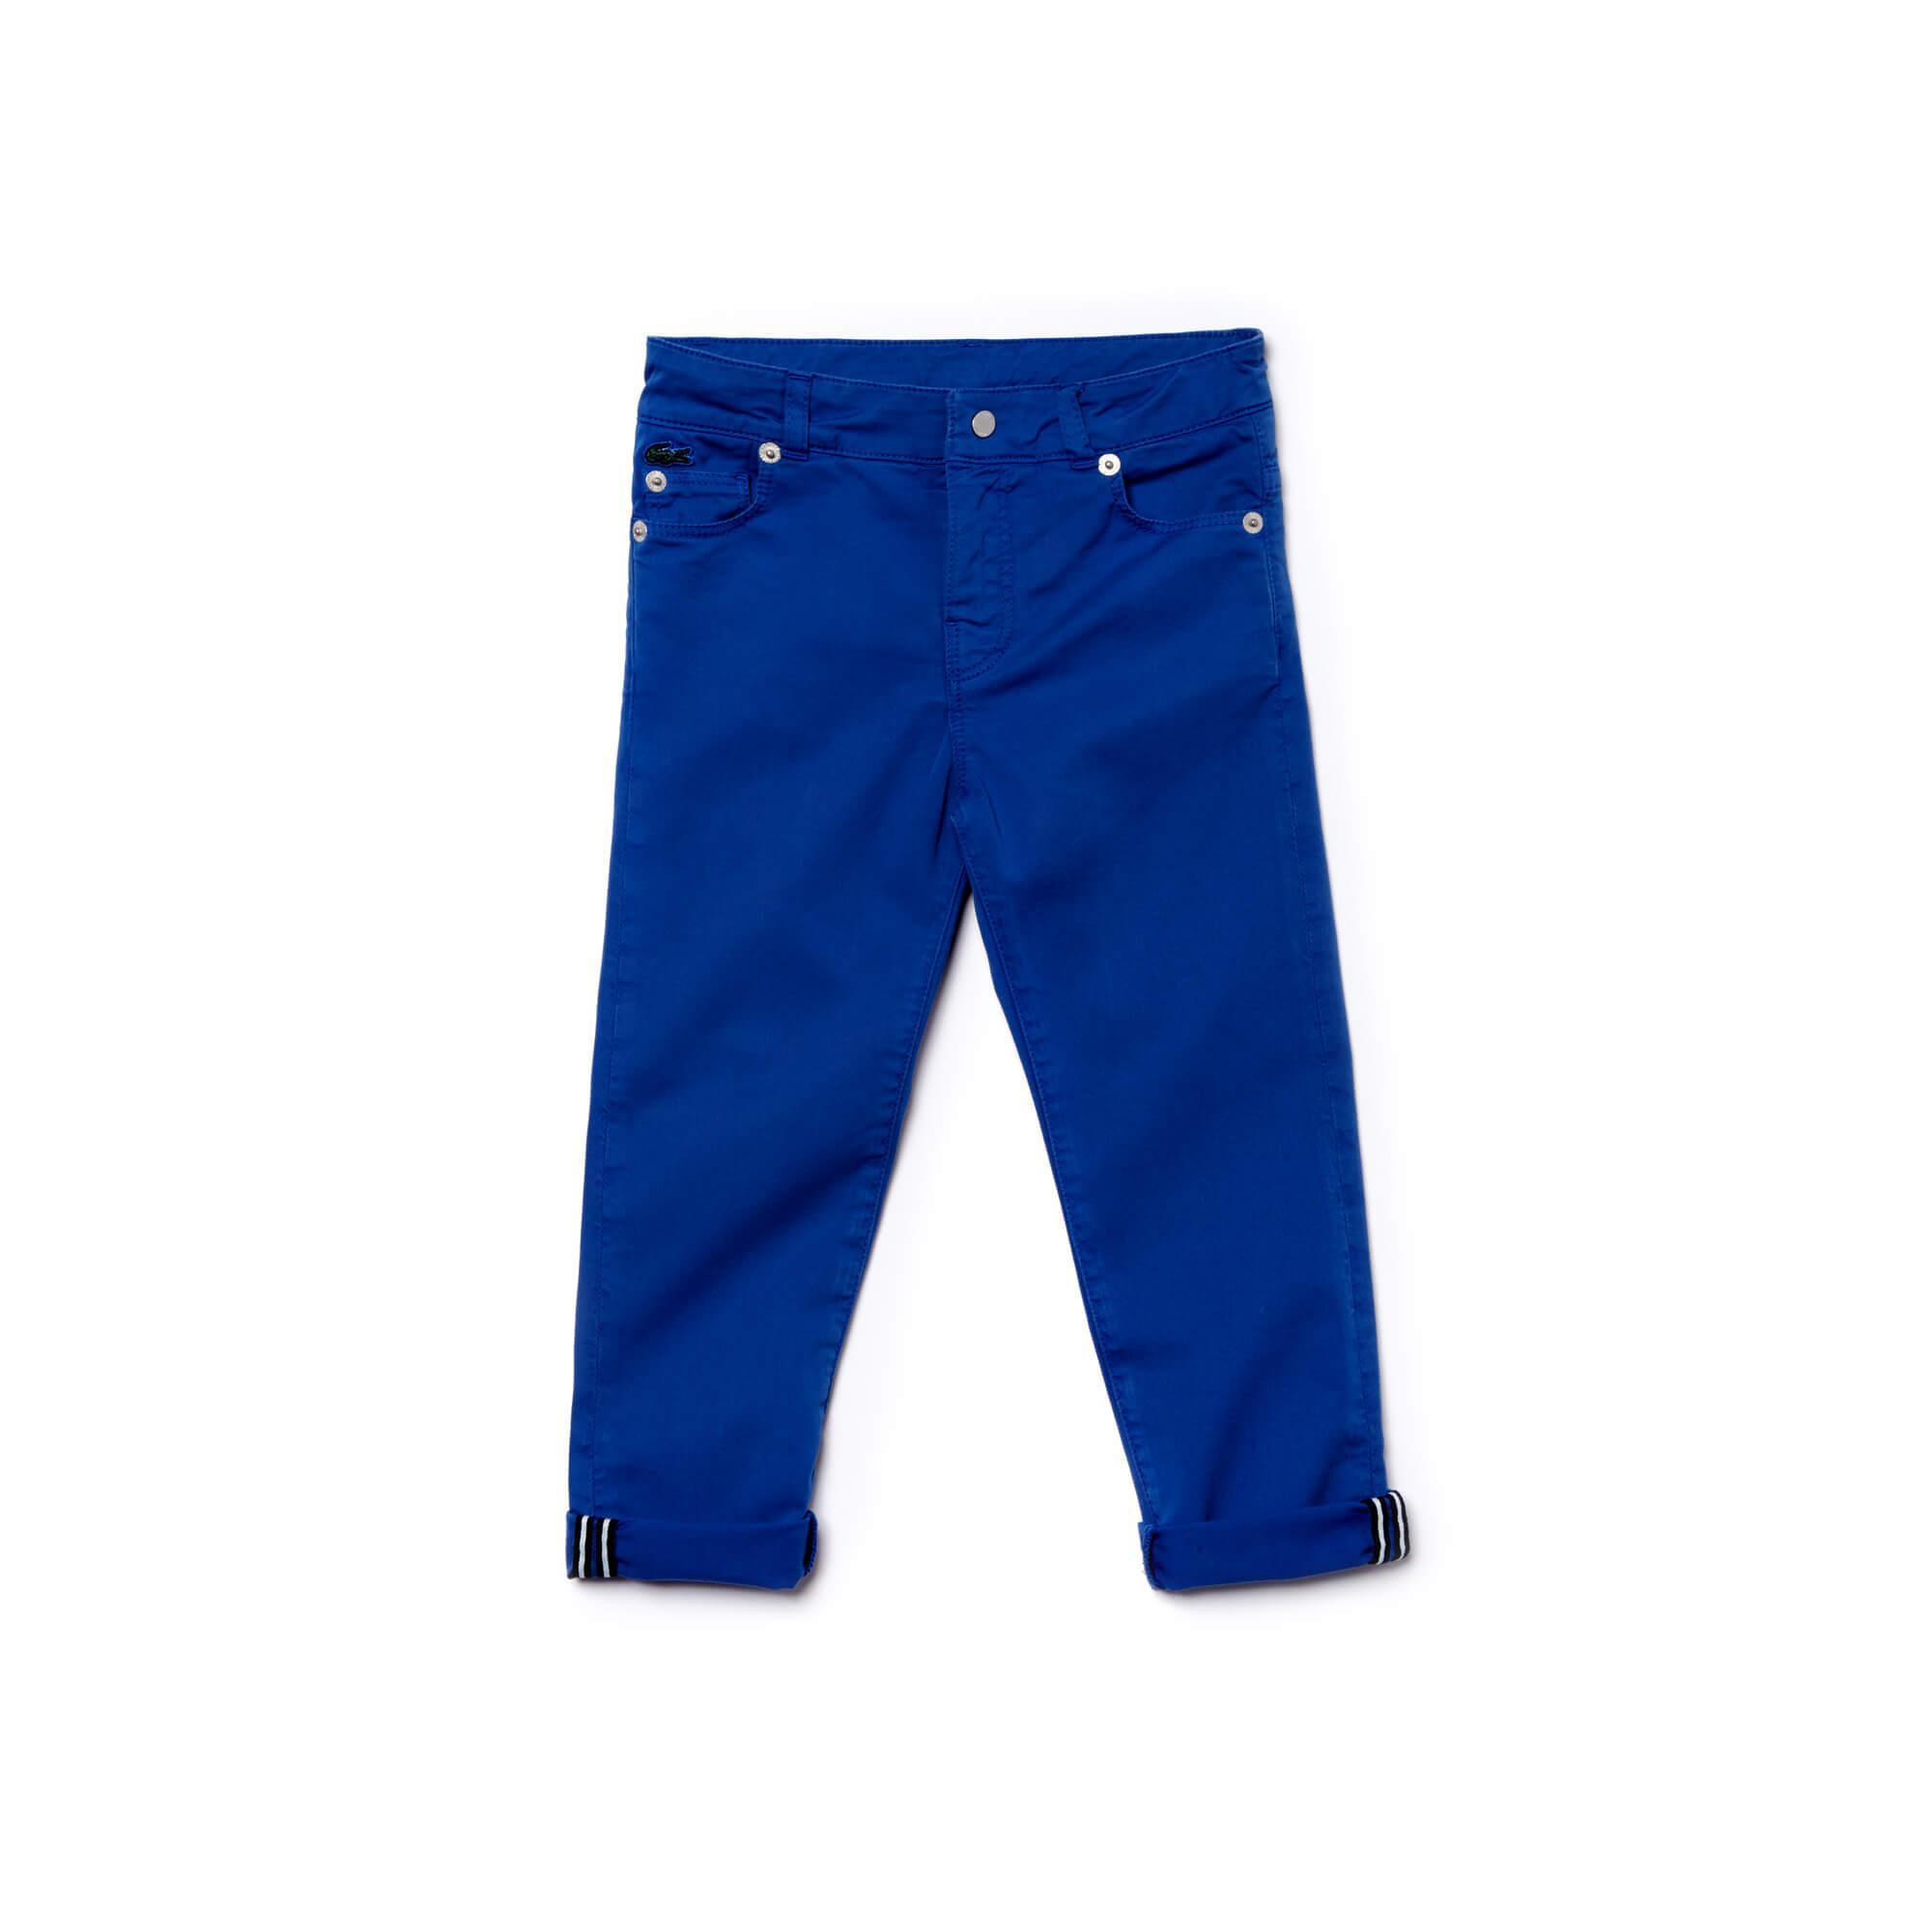 Lacoste Erkek Çocuk Mavi Pantolon